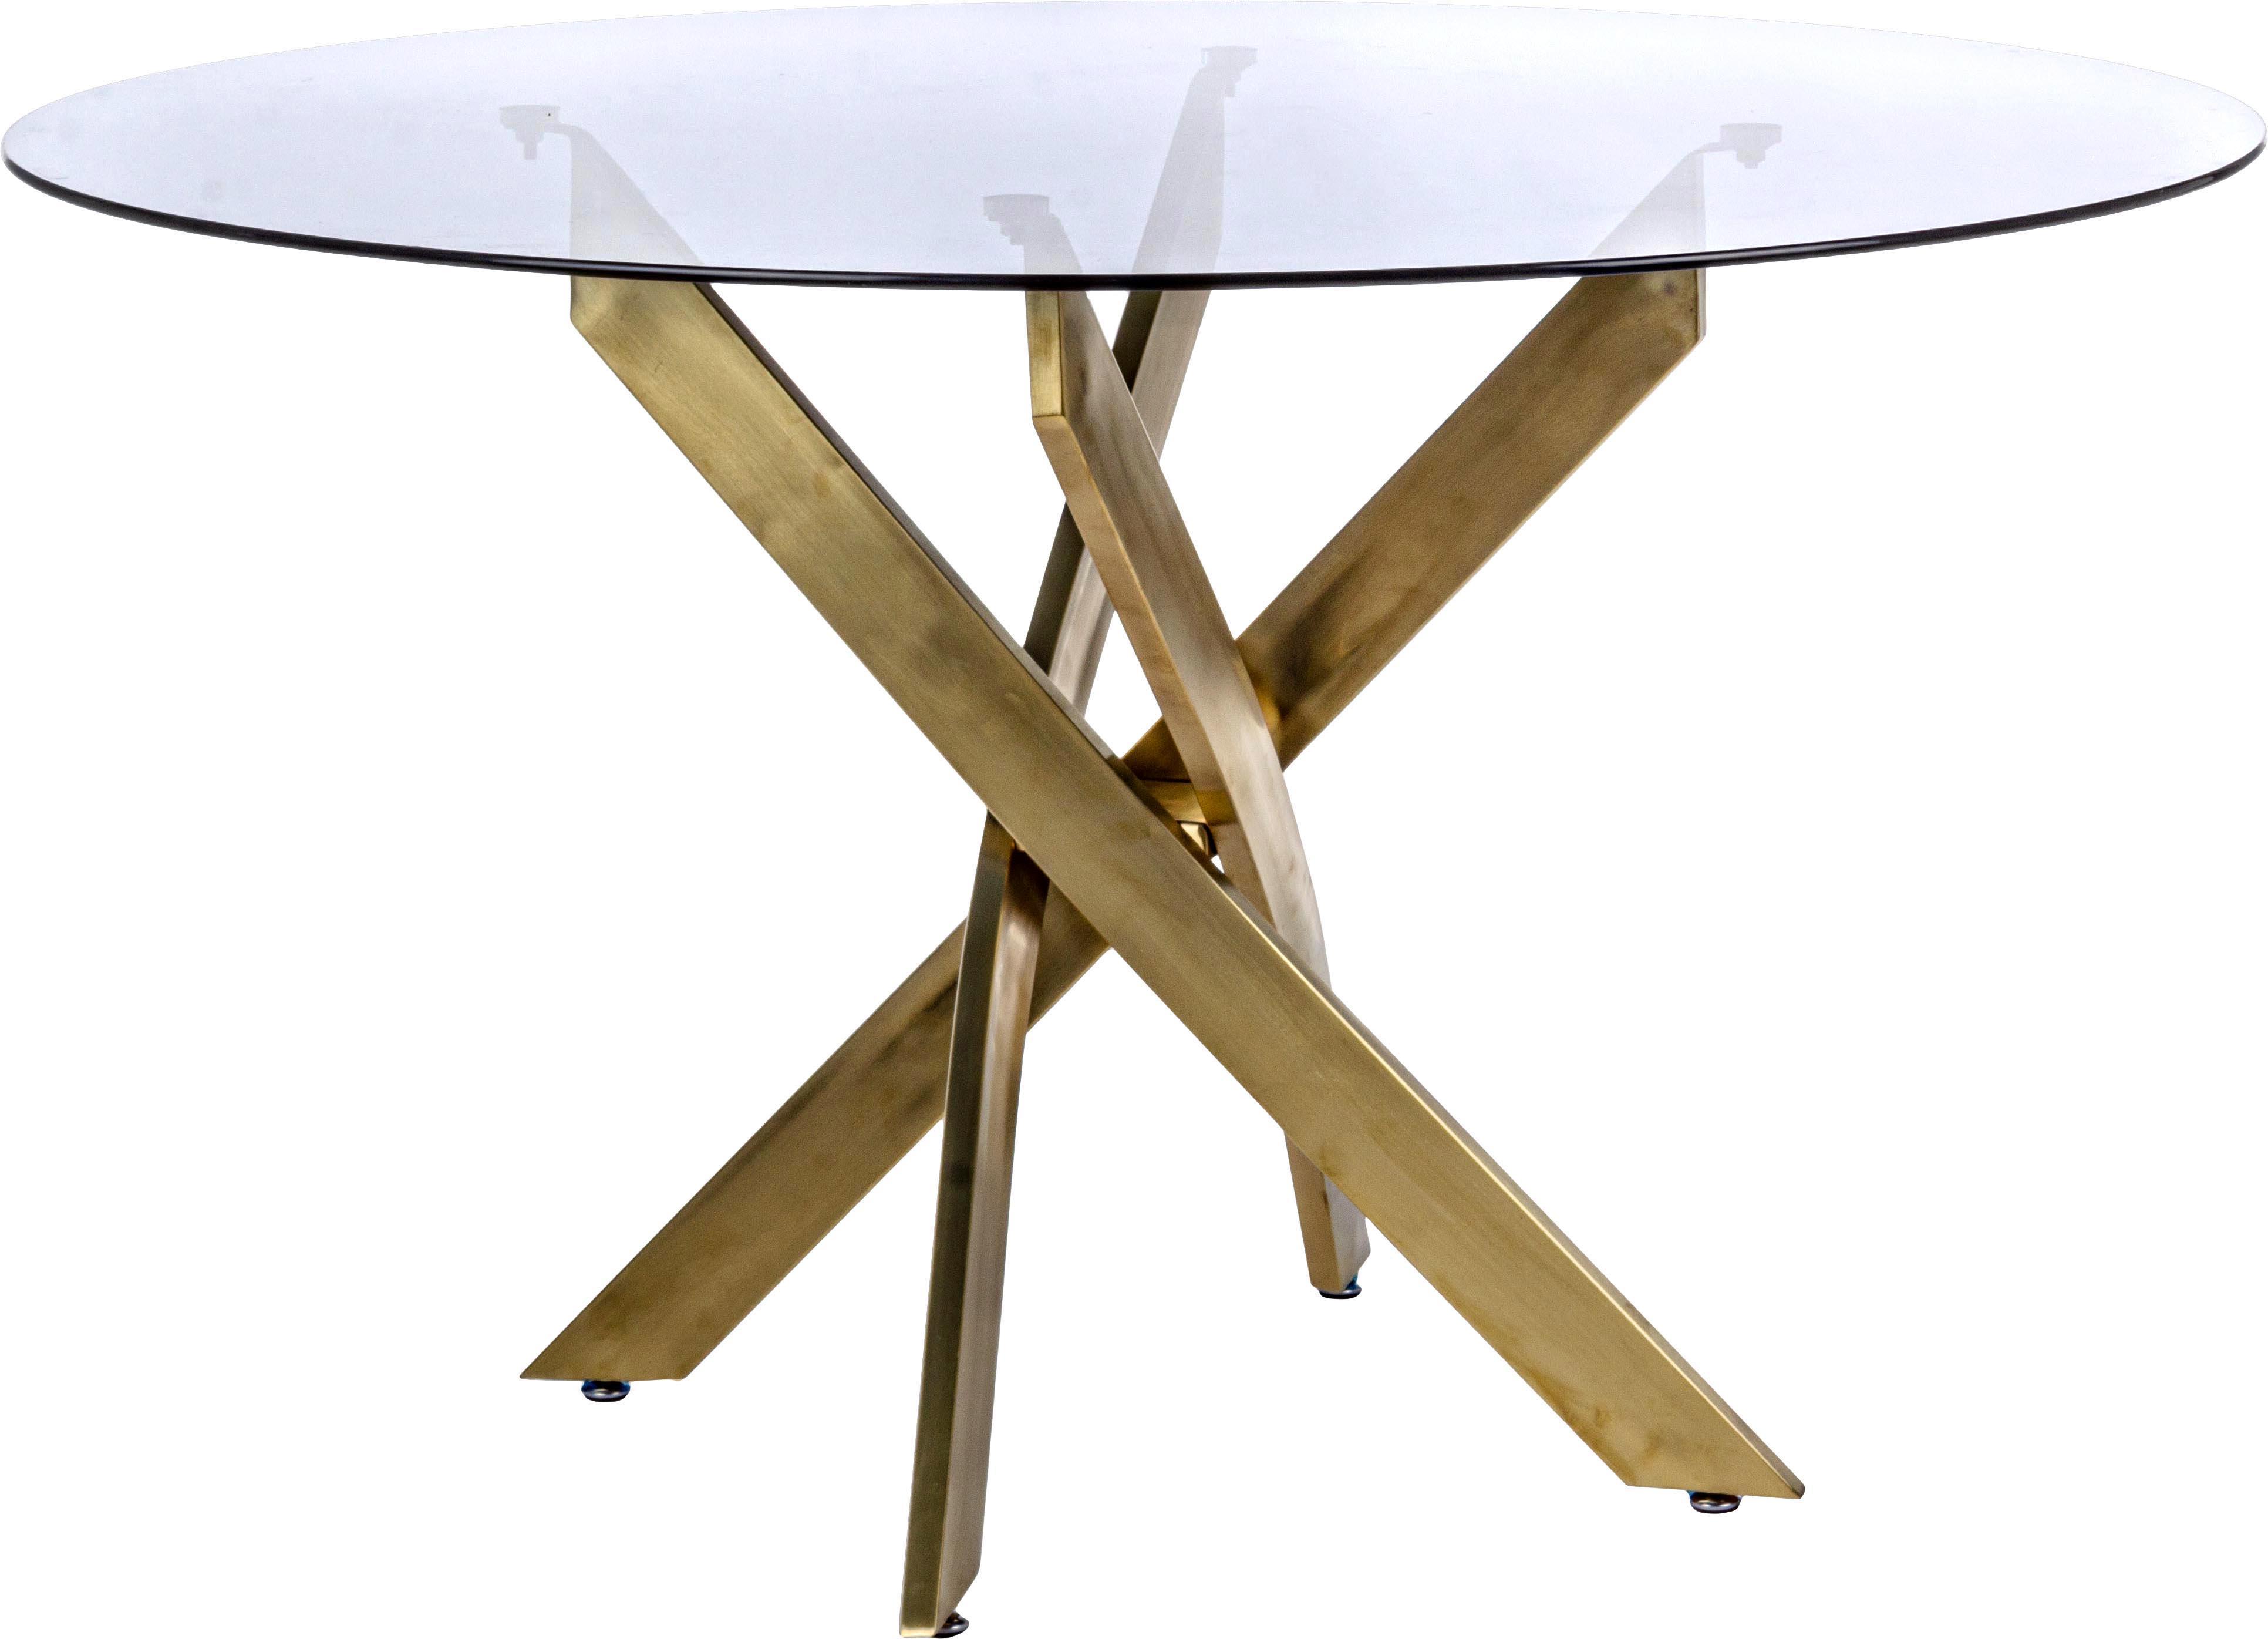 Mesa de comedor George, tablero de cristal, Tablero: vidrio tintado, Patas: metal con pintura en polv, Negro, latón, Ø 120 x Al 75 cm